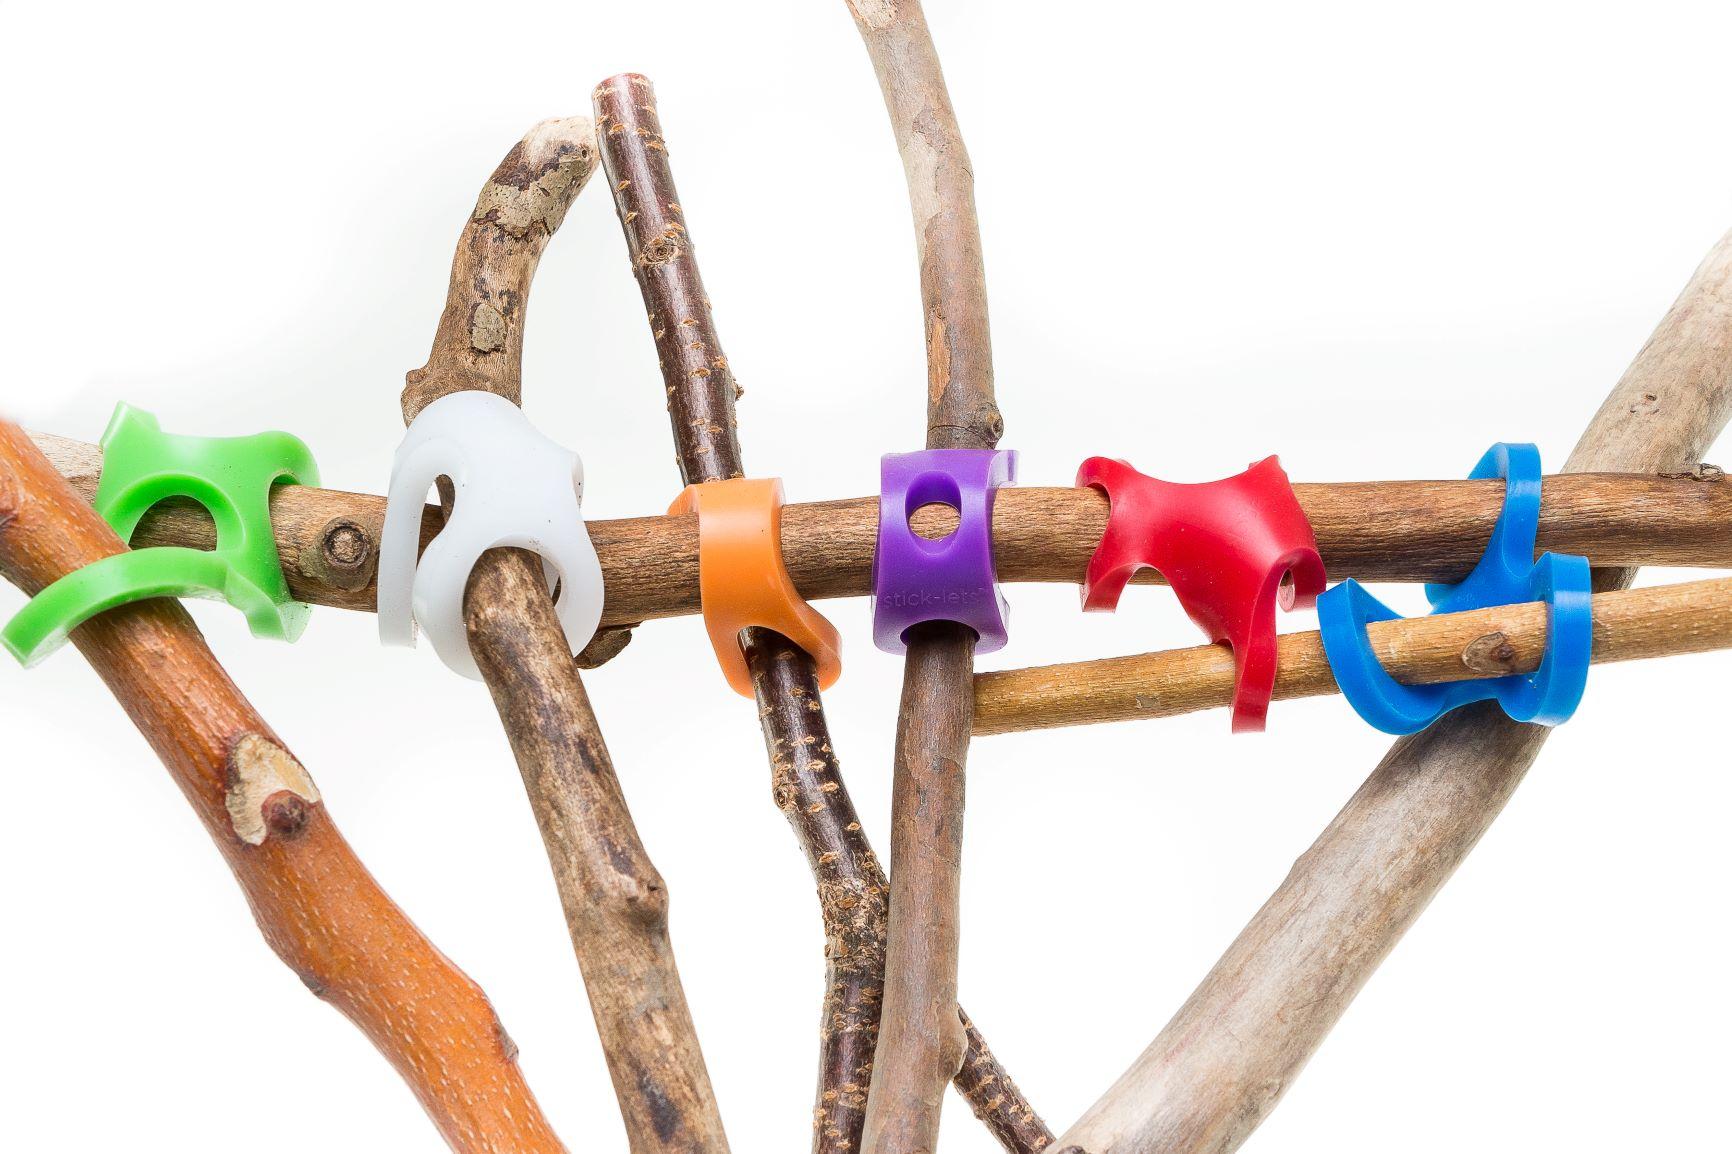 Stick-lets stem toy